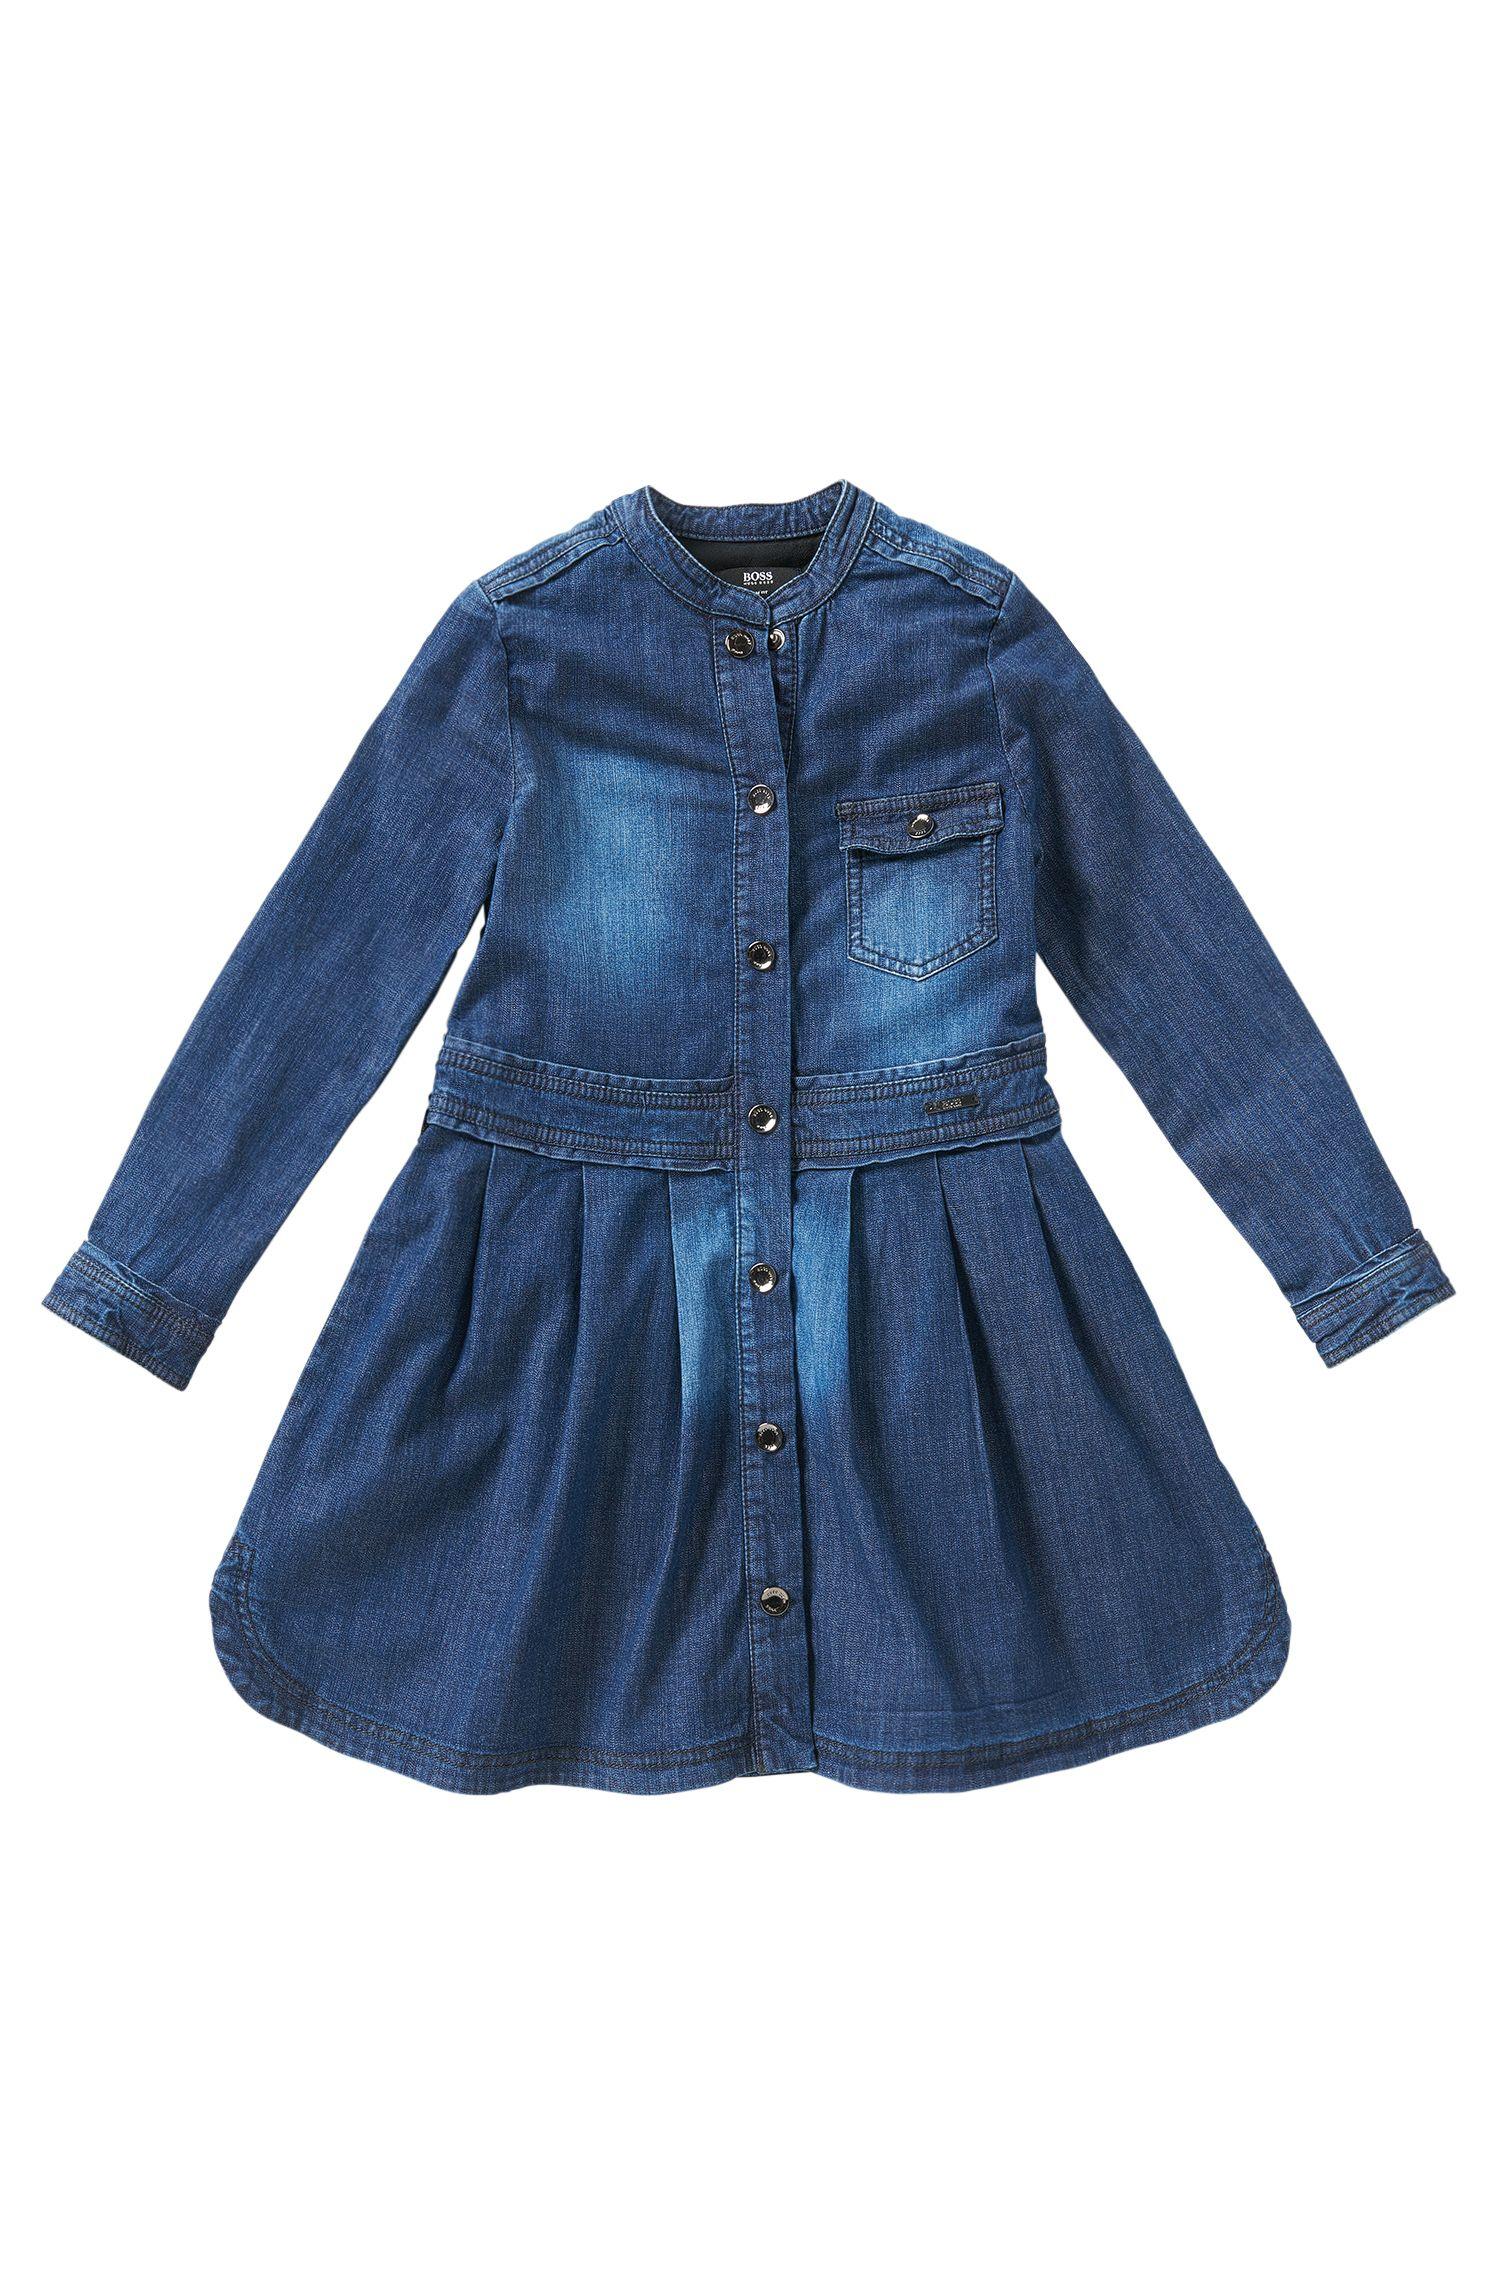 Robe en jeans en coton extensible pour enfants: «J12127»